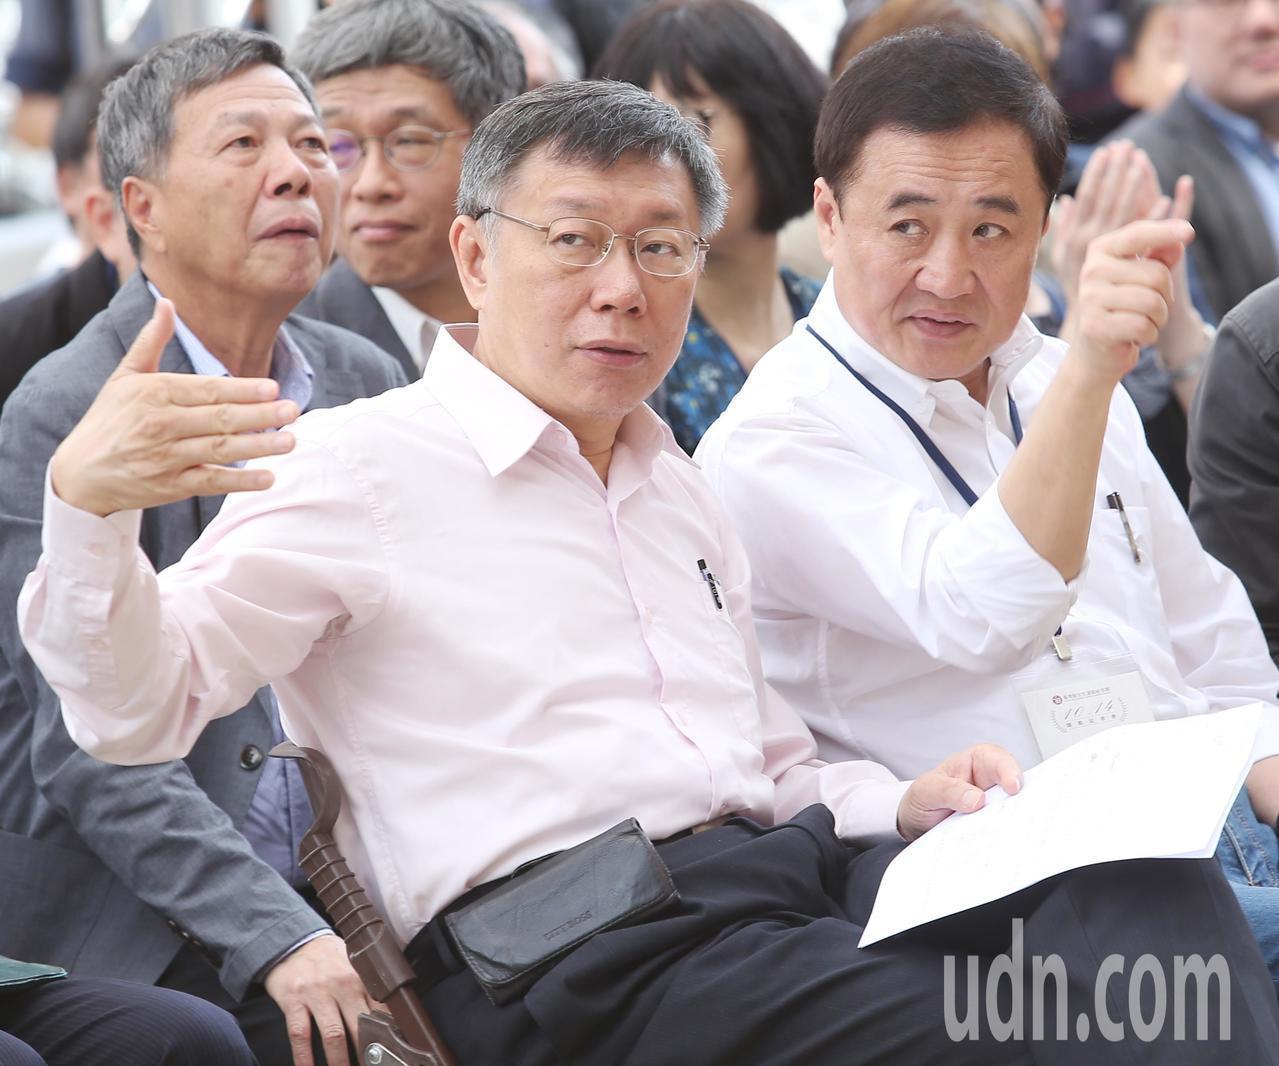 圖為台灣新文化運動紀念館開幕活動上午舉行,台北市長柯文哲(左)與副市長陳景峻(右...